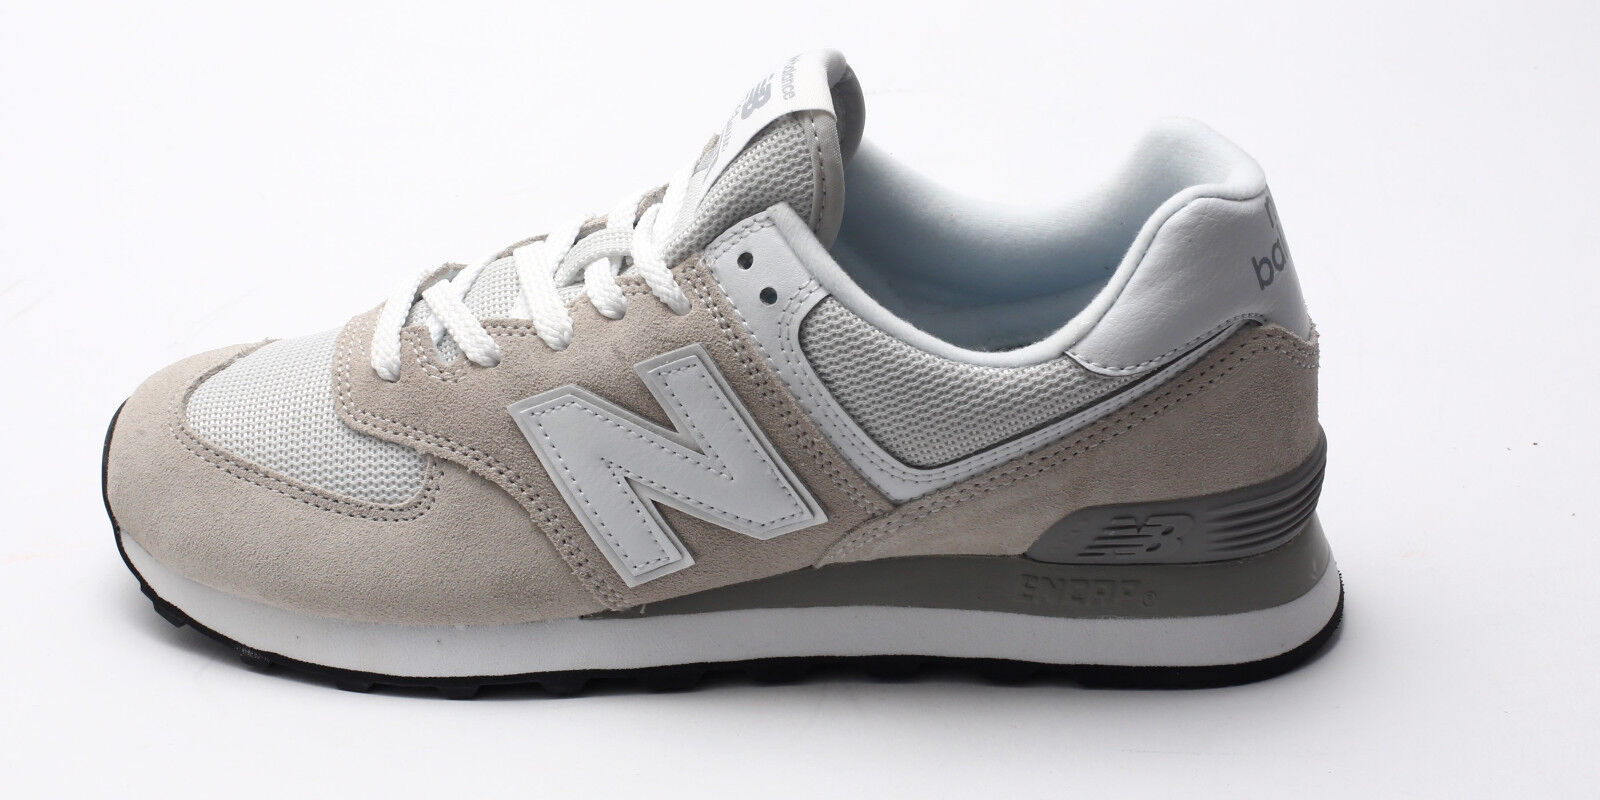 New Balance 3) ML574EGW Nimbus Cloud (633531-60 3) Balance Herren Sneaker - Grau - Neu 68aec5